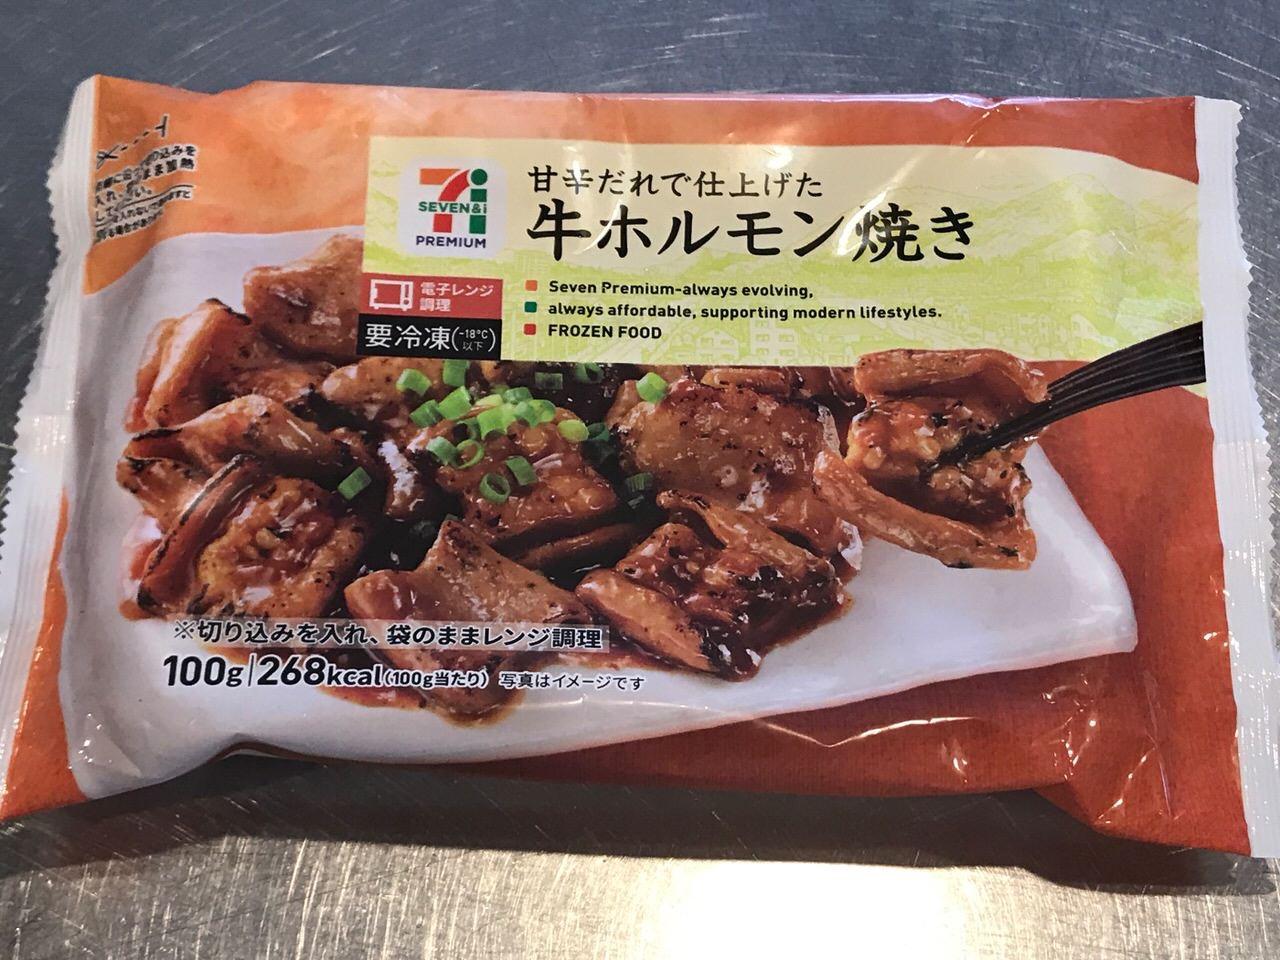 セブンイレブン 冷凍食品「牛ホルモン焼き」02